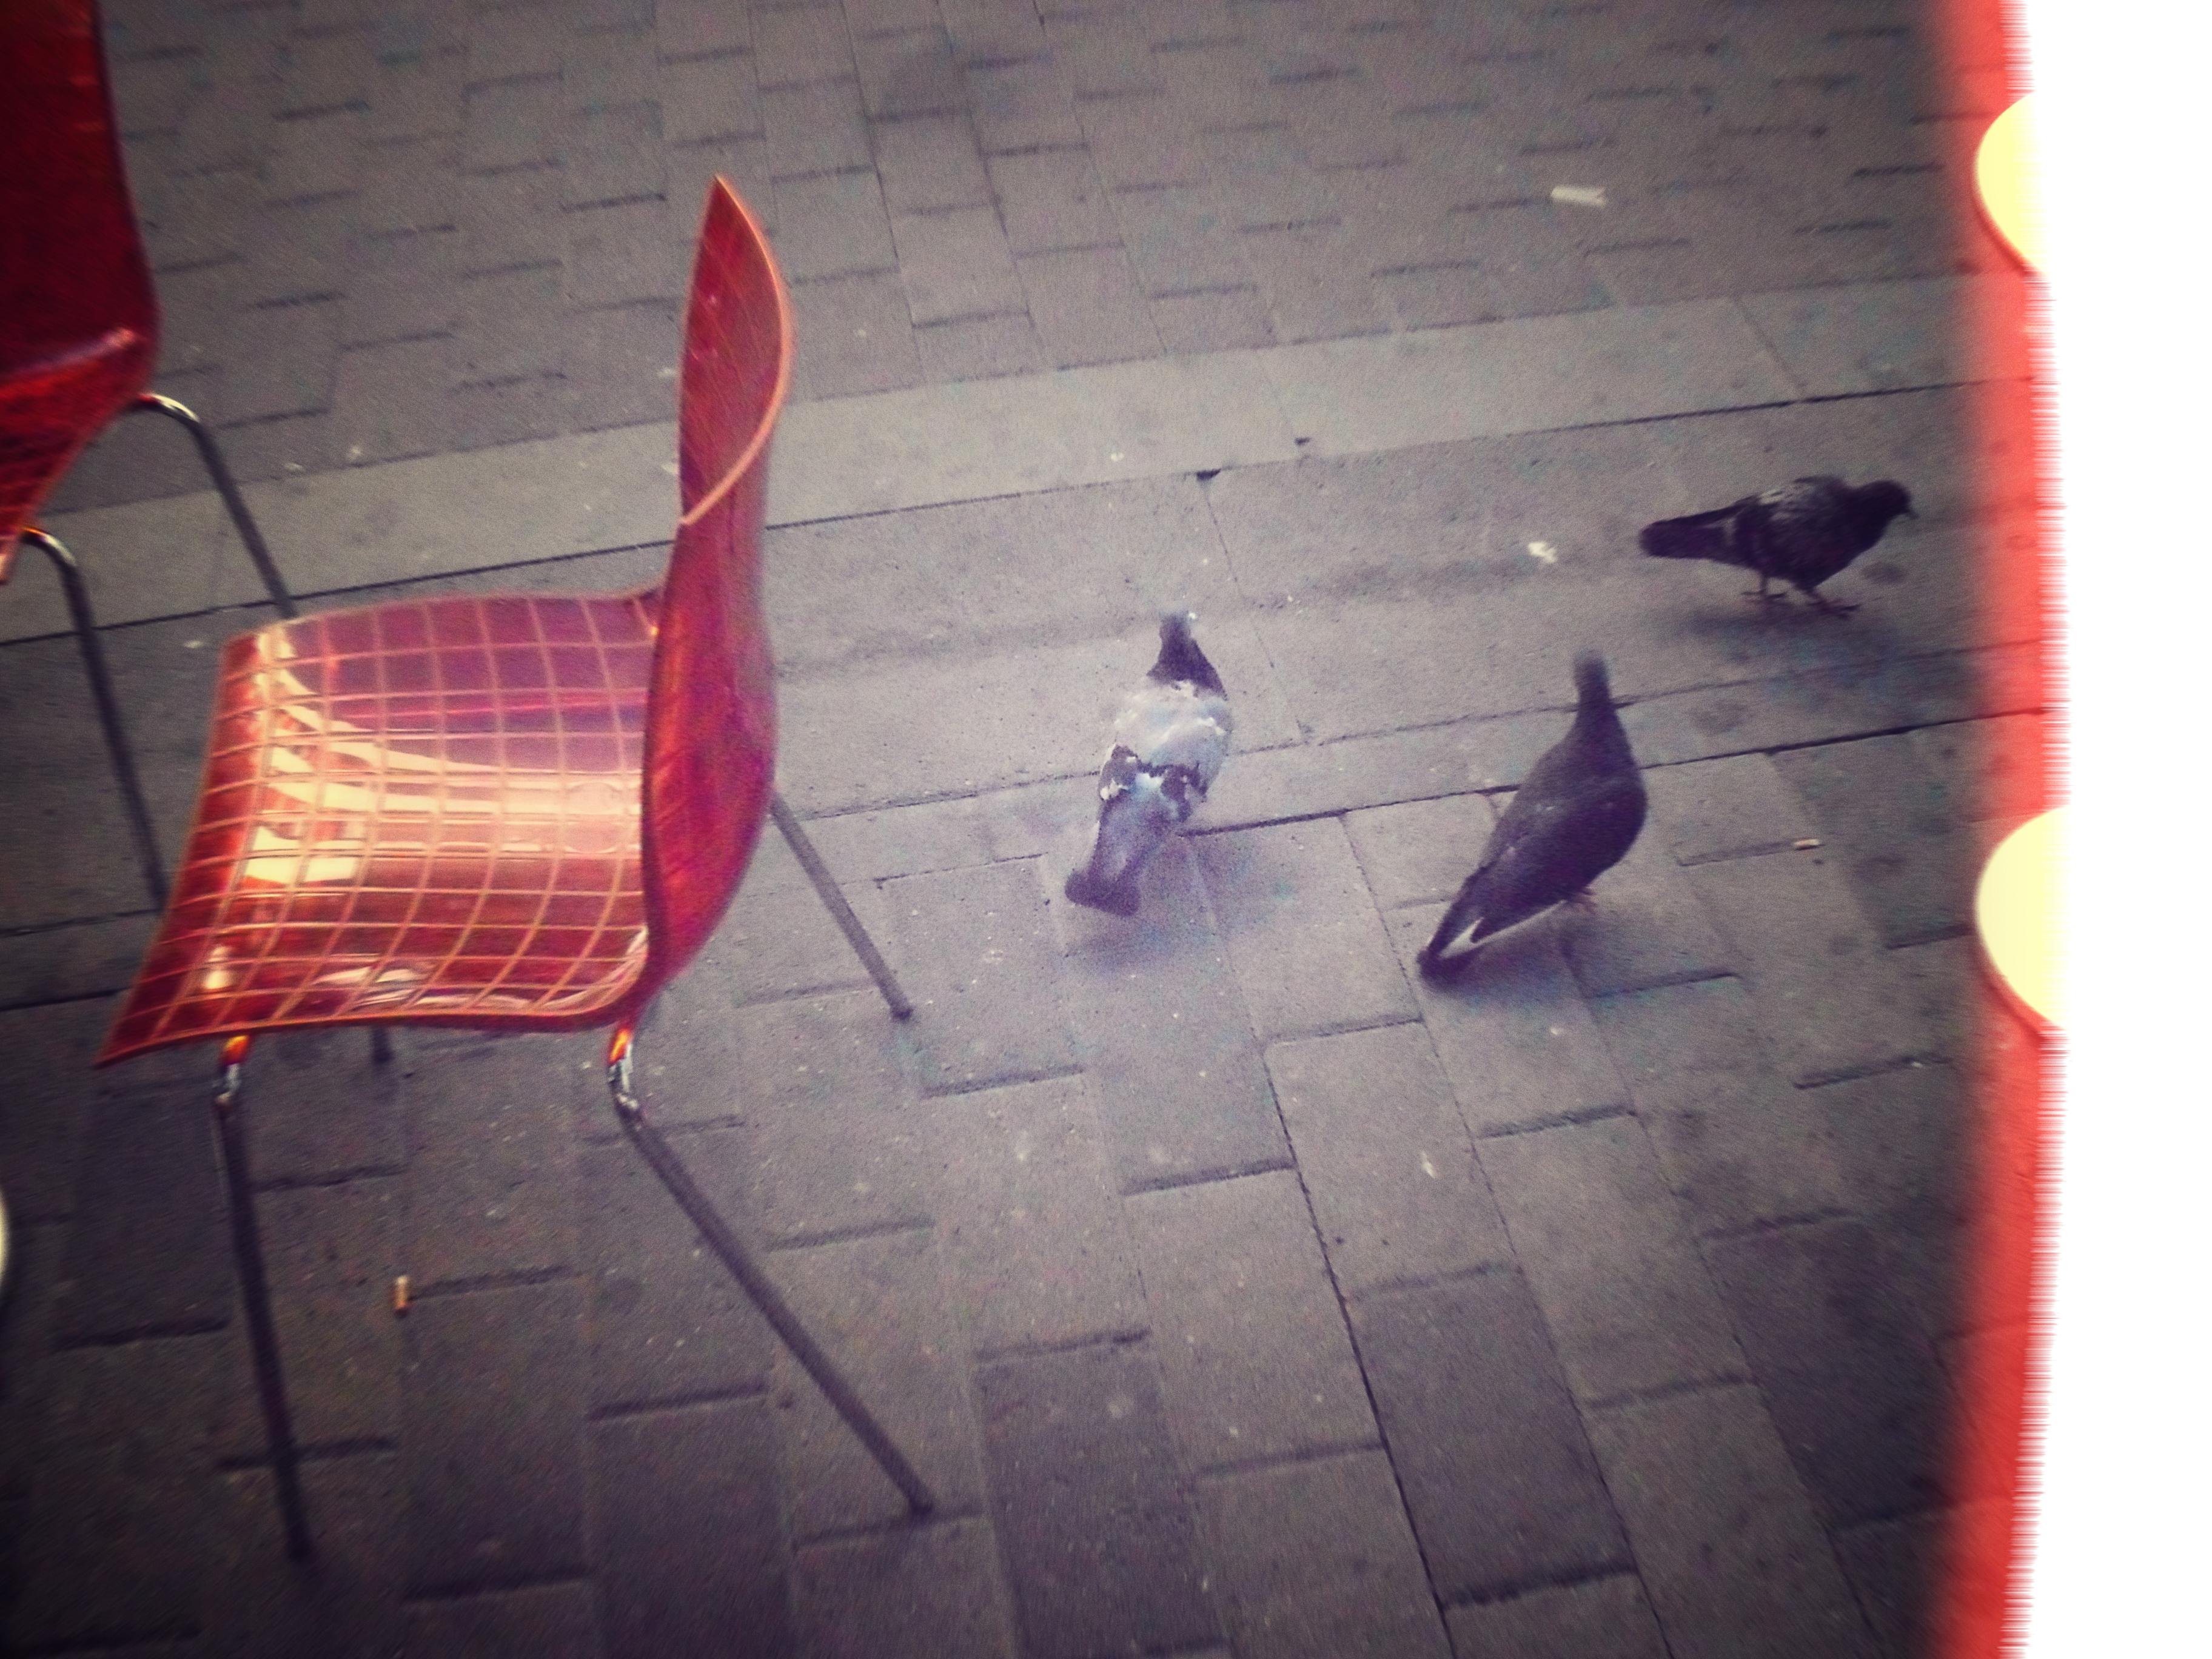 Lintuja ja tuoleja by juhtolv